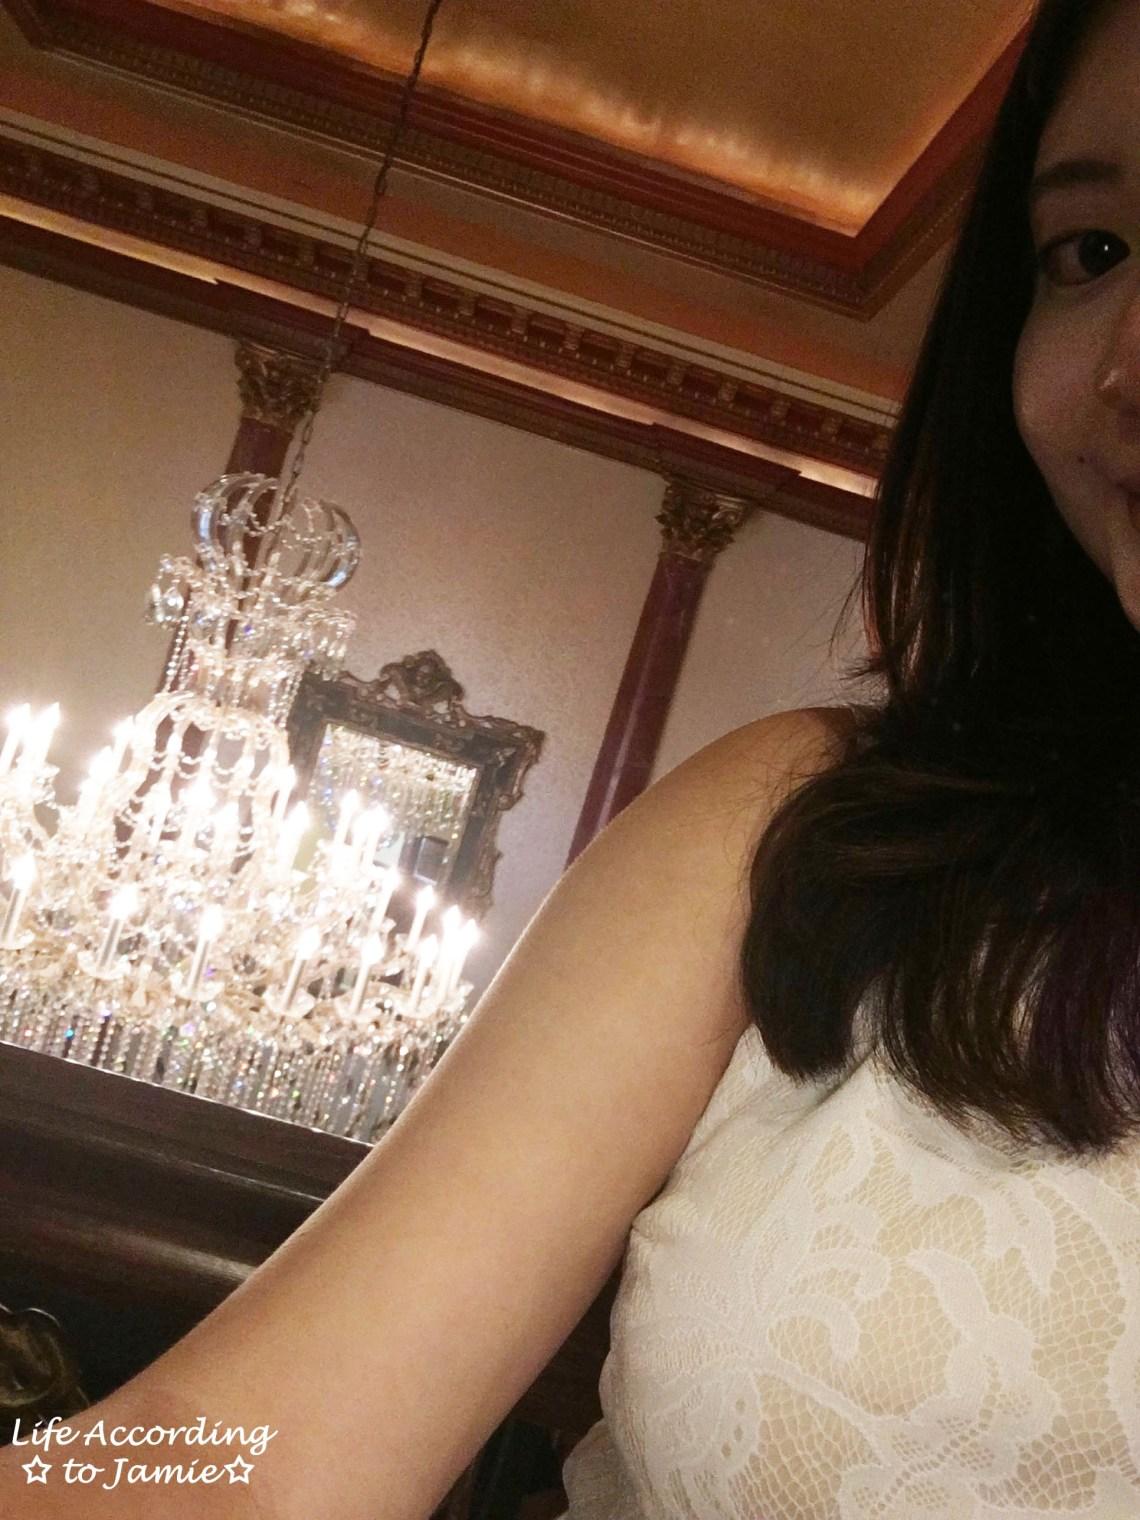 Chandelier Selfie